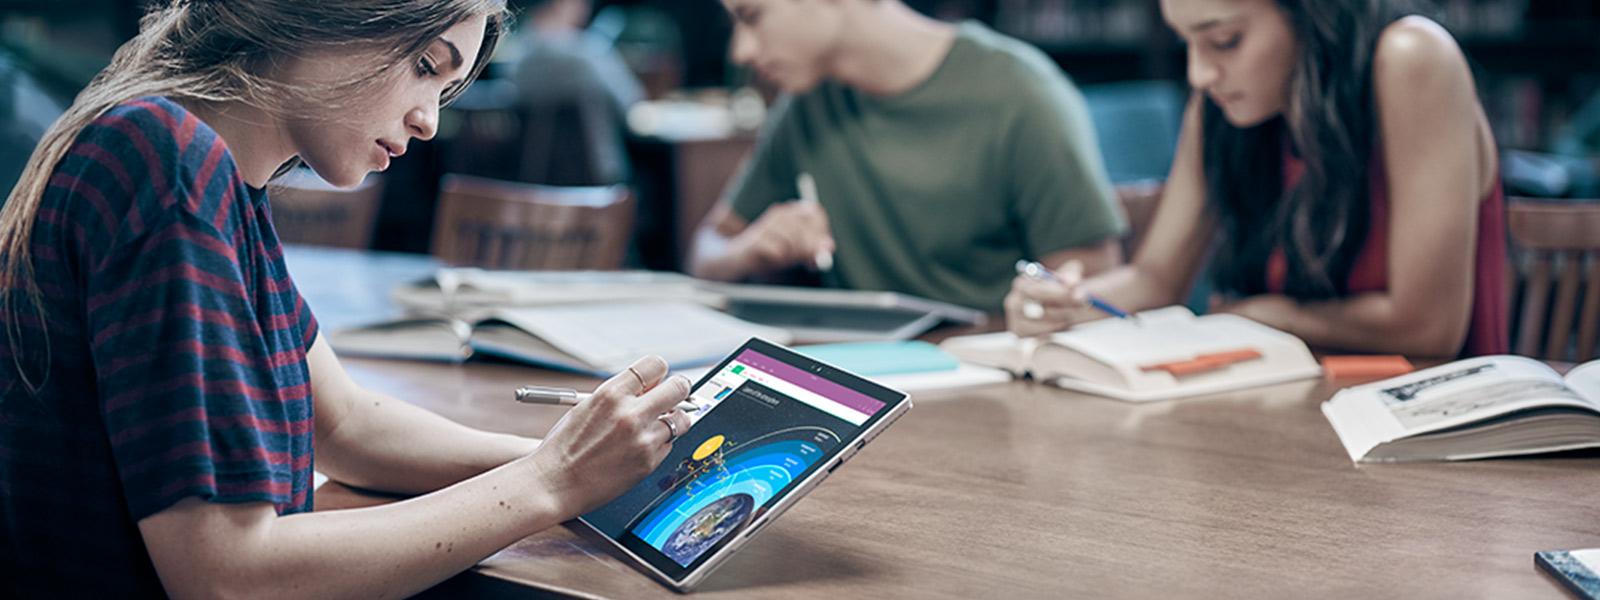 學生在戶外使用 Surface Pro 4 做作業。